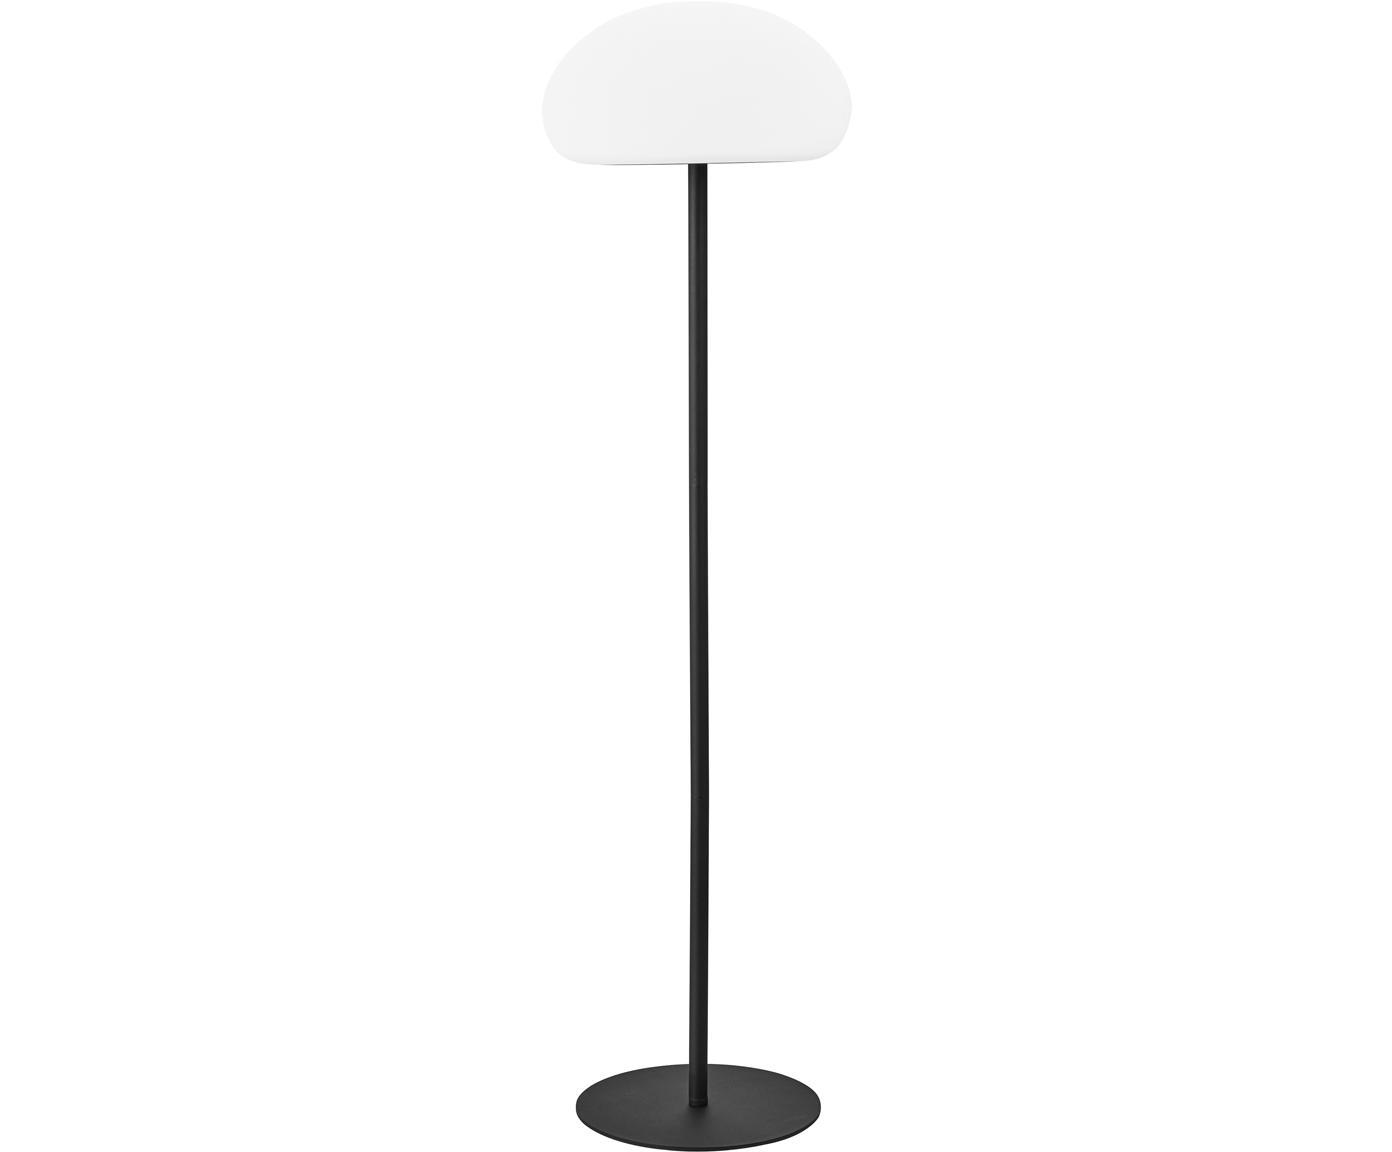 Zewnętrzna lampa podłogowa LED Sponge, Tworzywo sztuczne (PVC), Biały, czarny, Ø 34 x W 126 cm